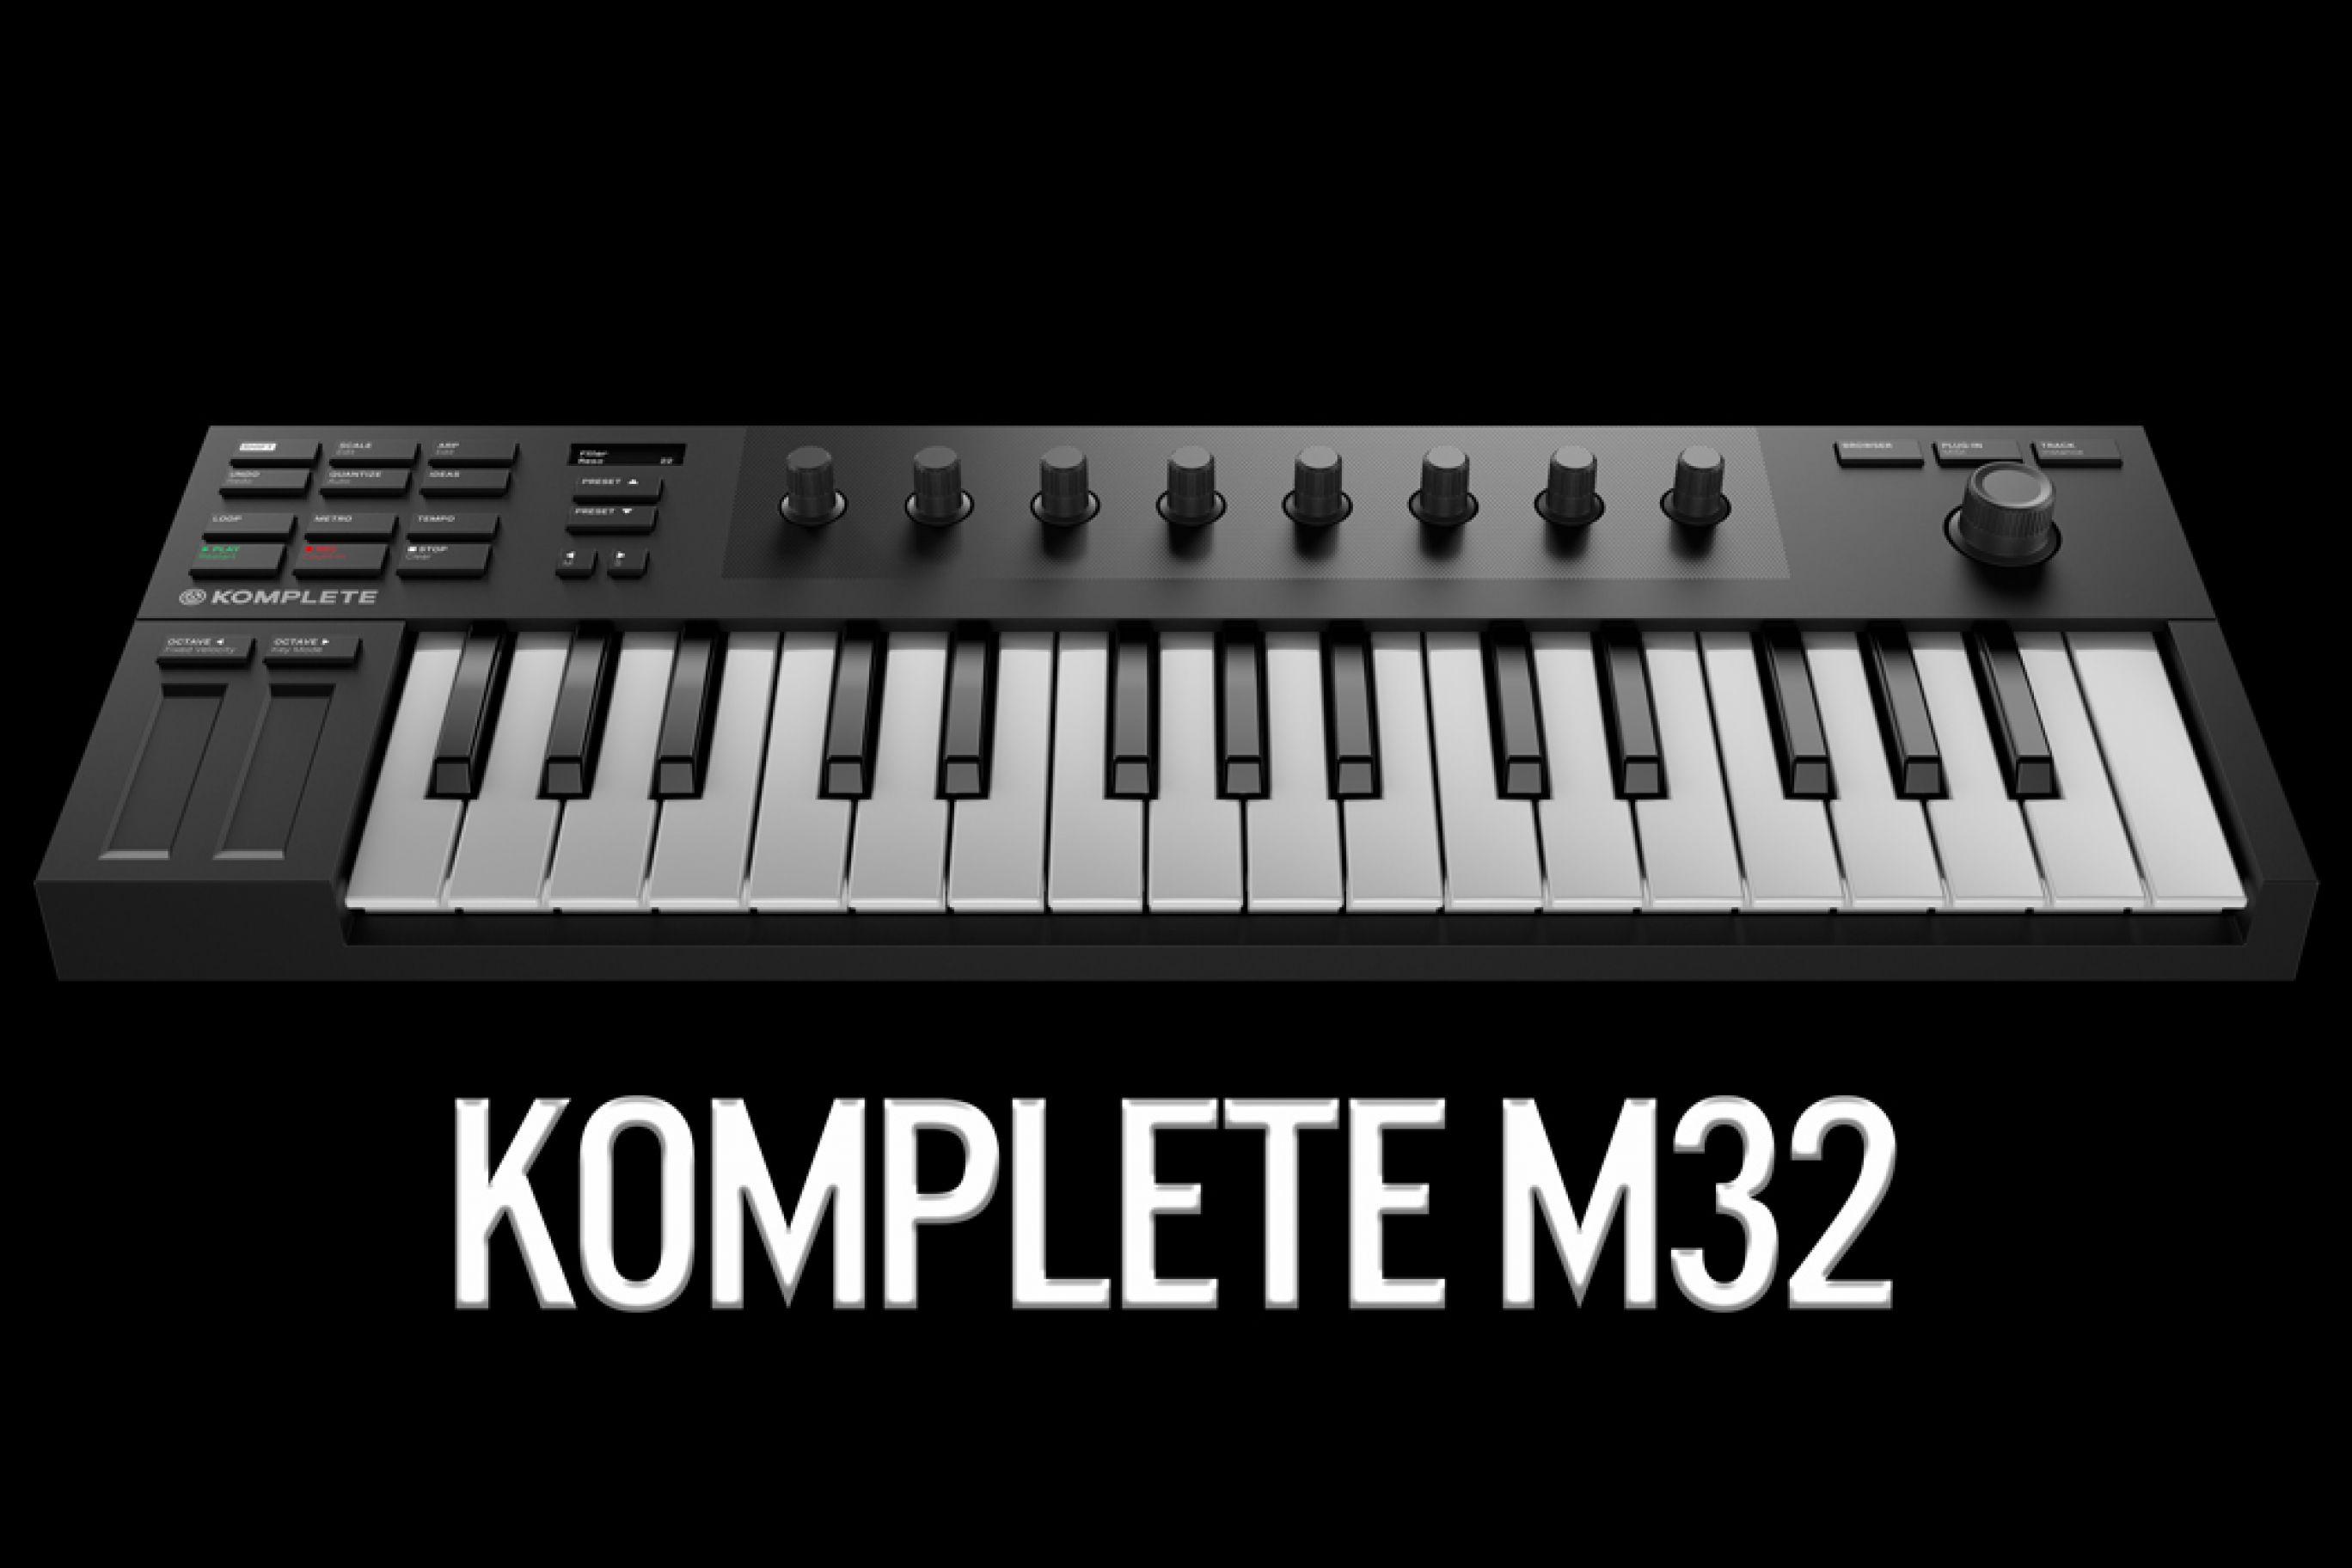 Komplete Kontrol M32: dai sfogo alla tua fantasia dovunque